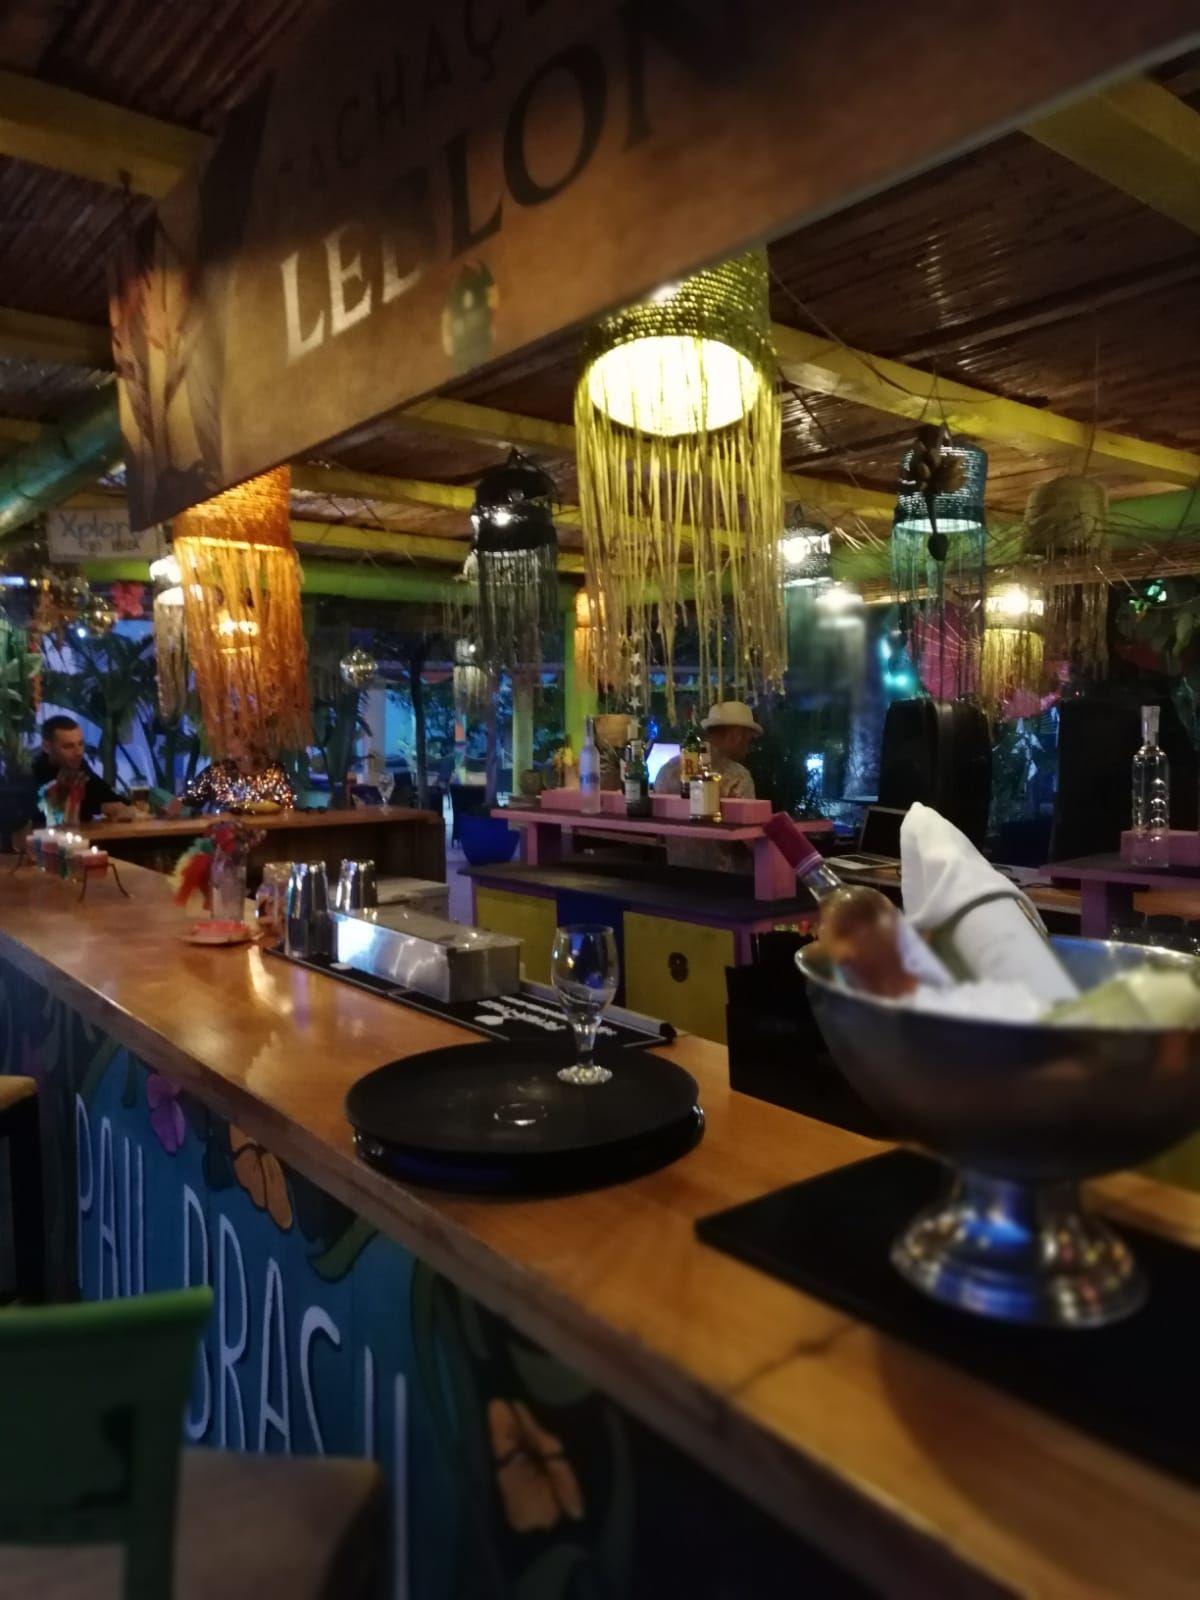 Restaurante, cócteles y música en directo en Ibiza